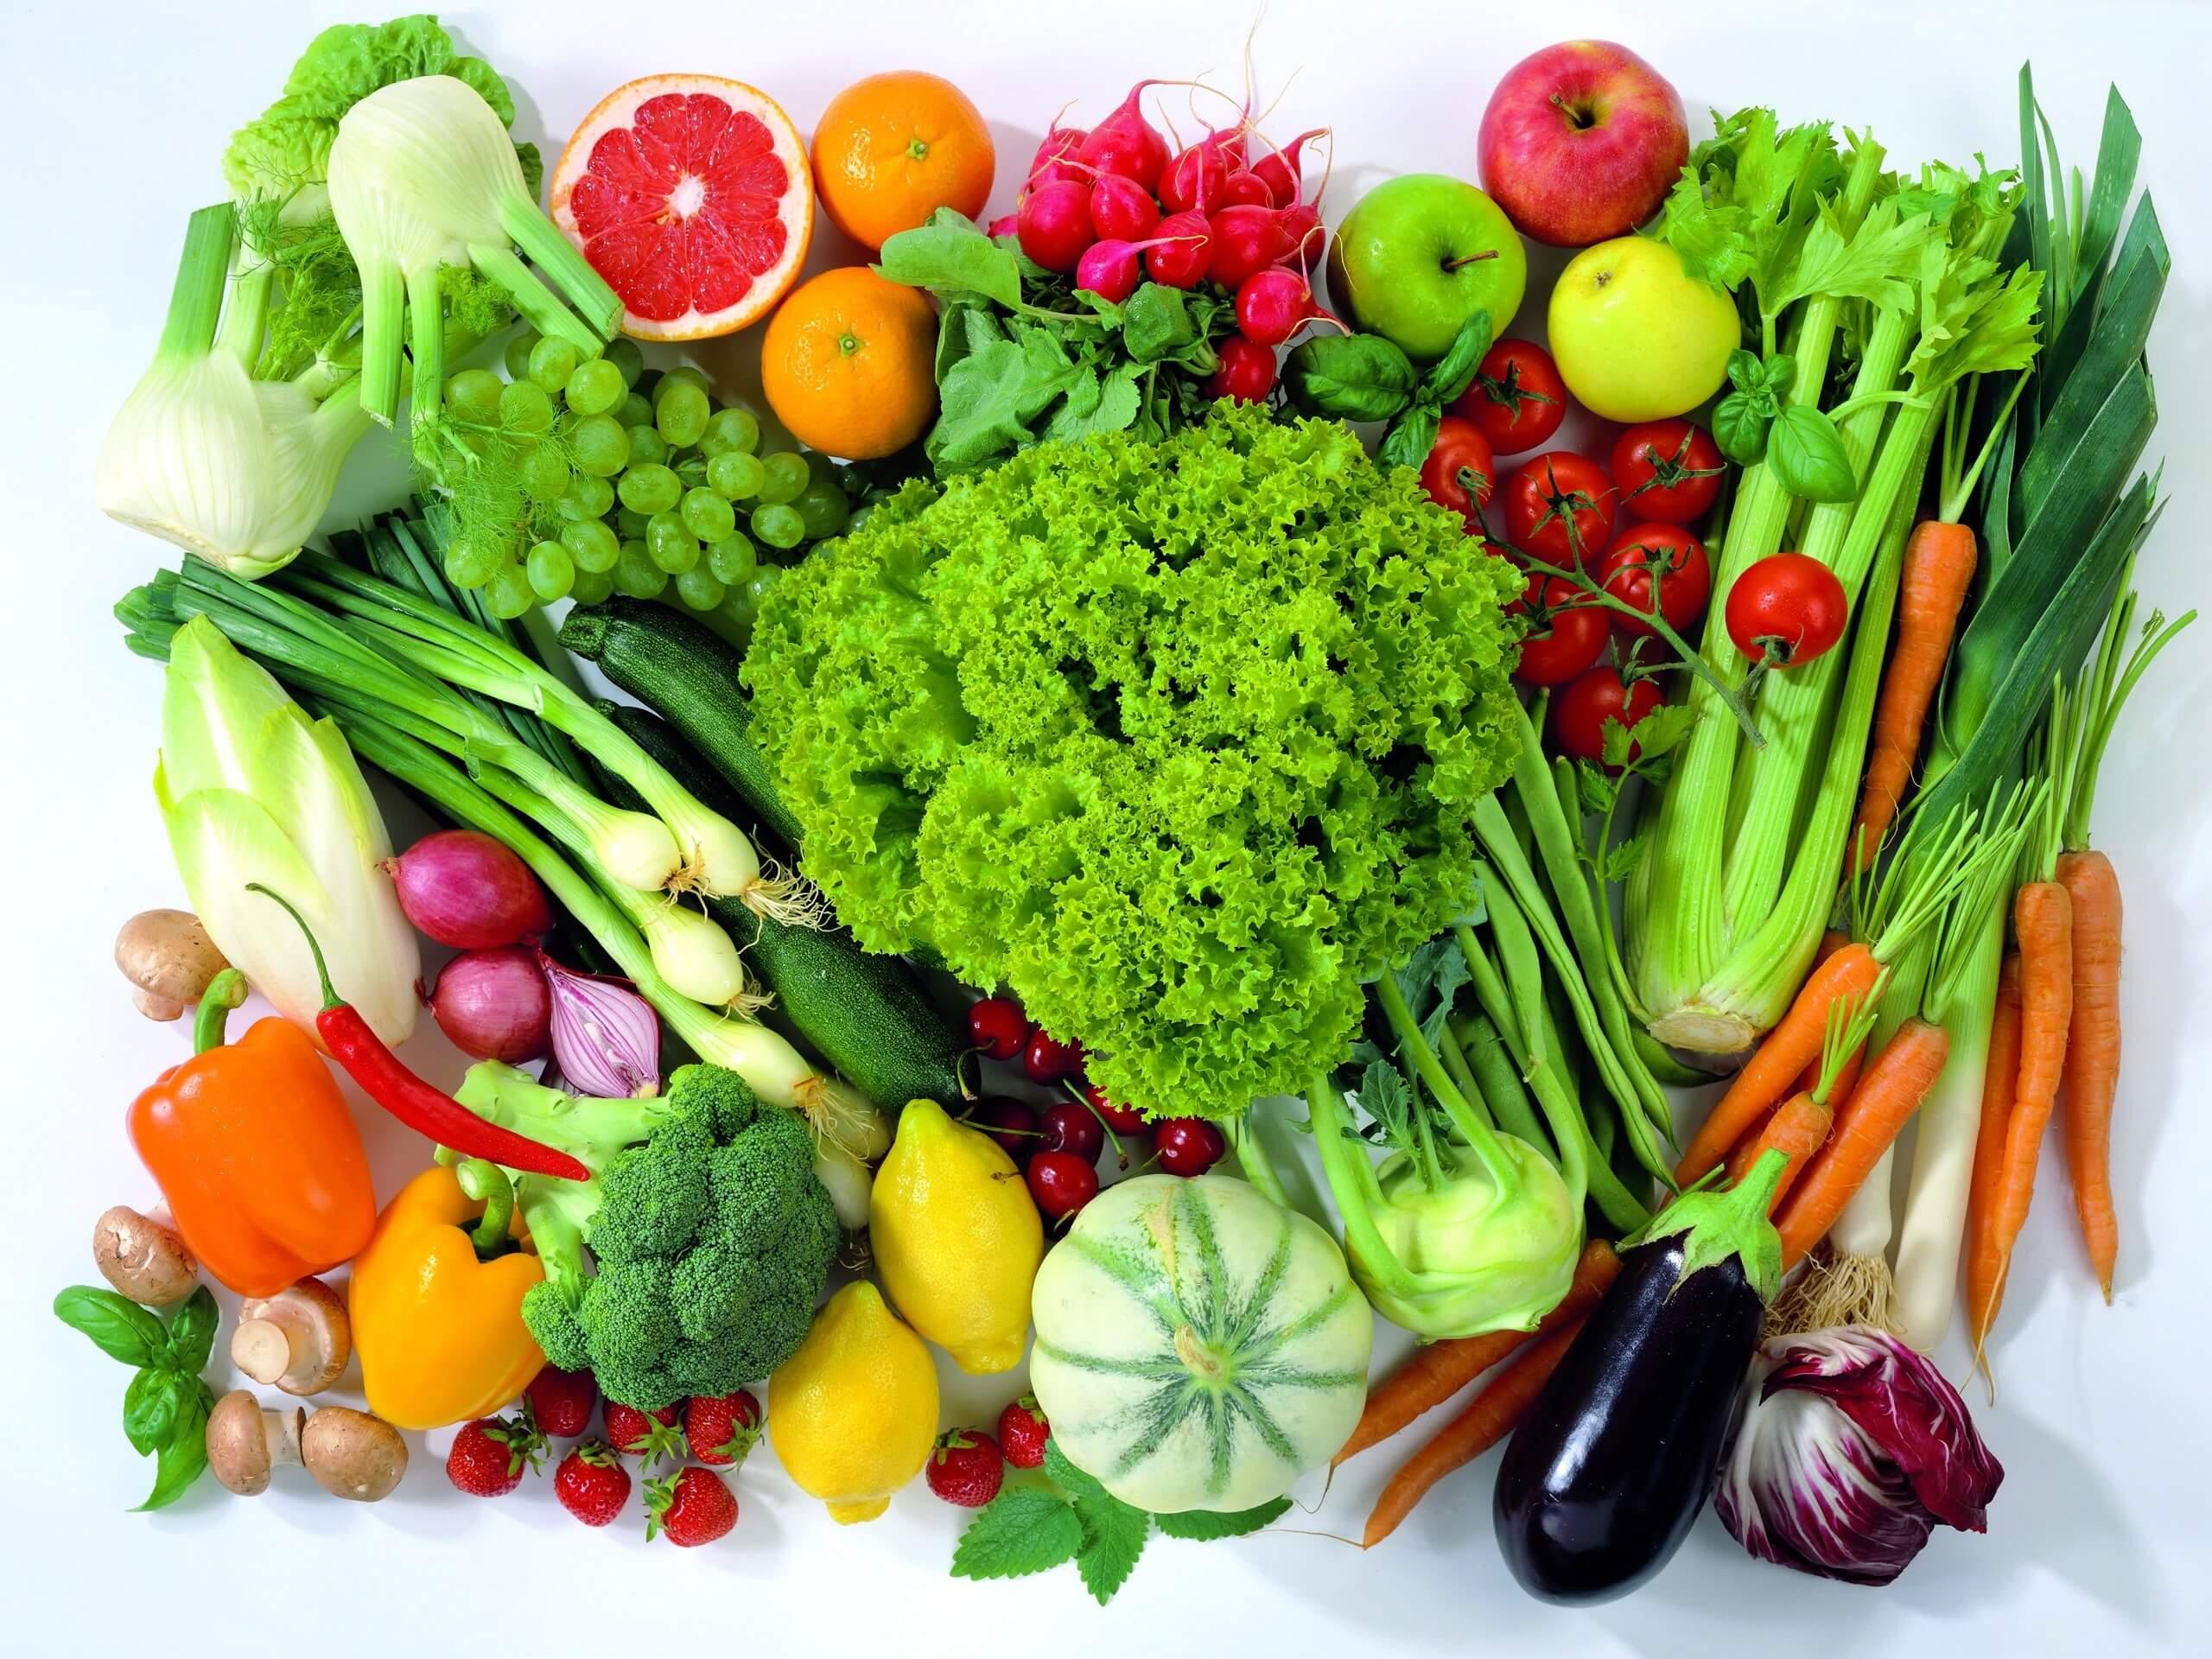 Правильное питание сохранит и приумножит здоровье